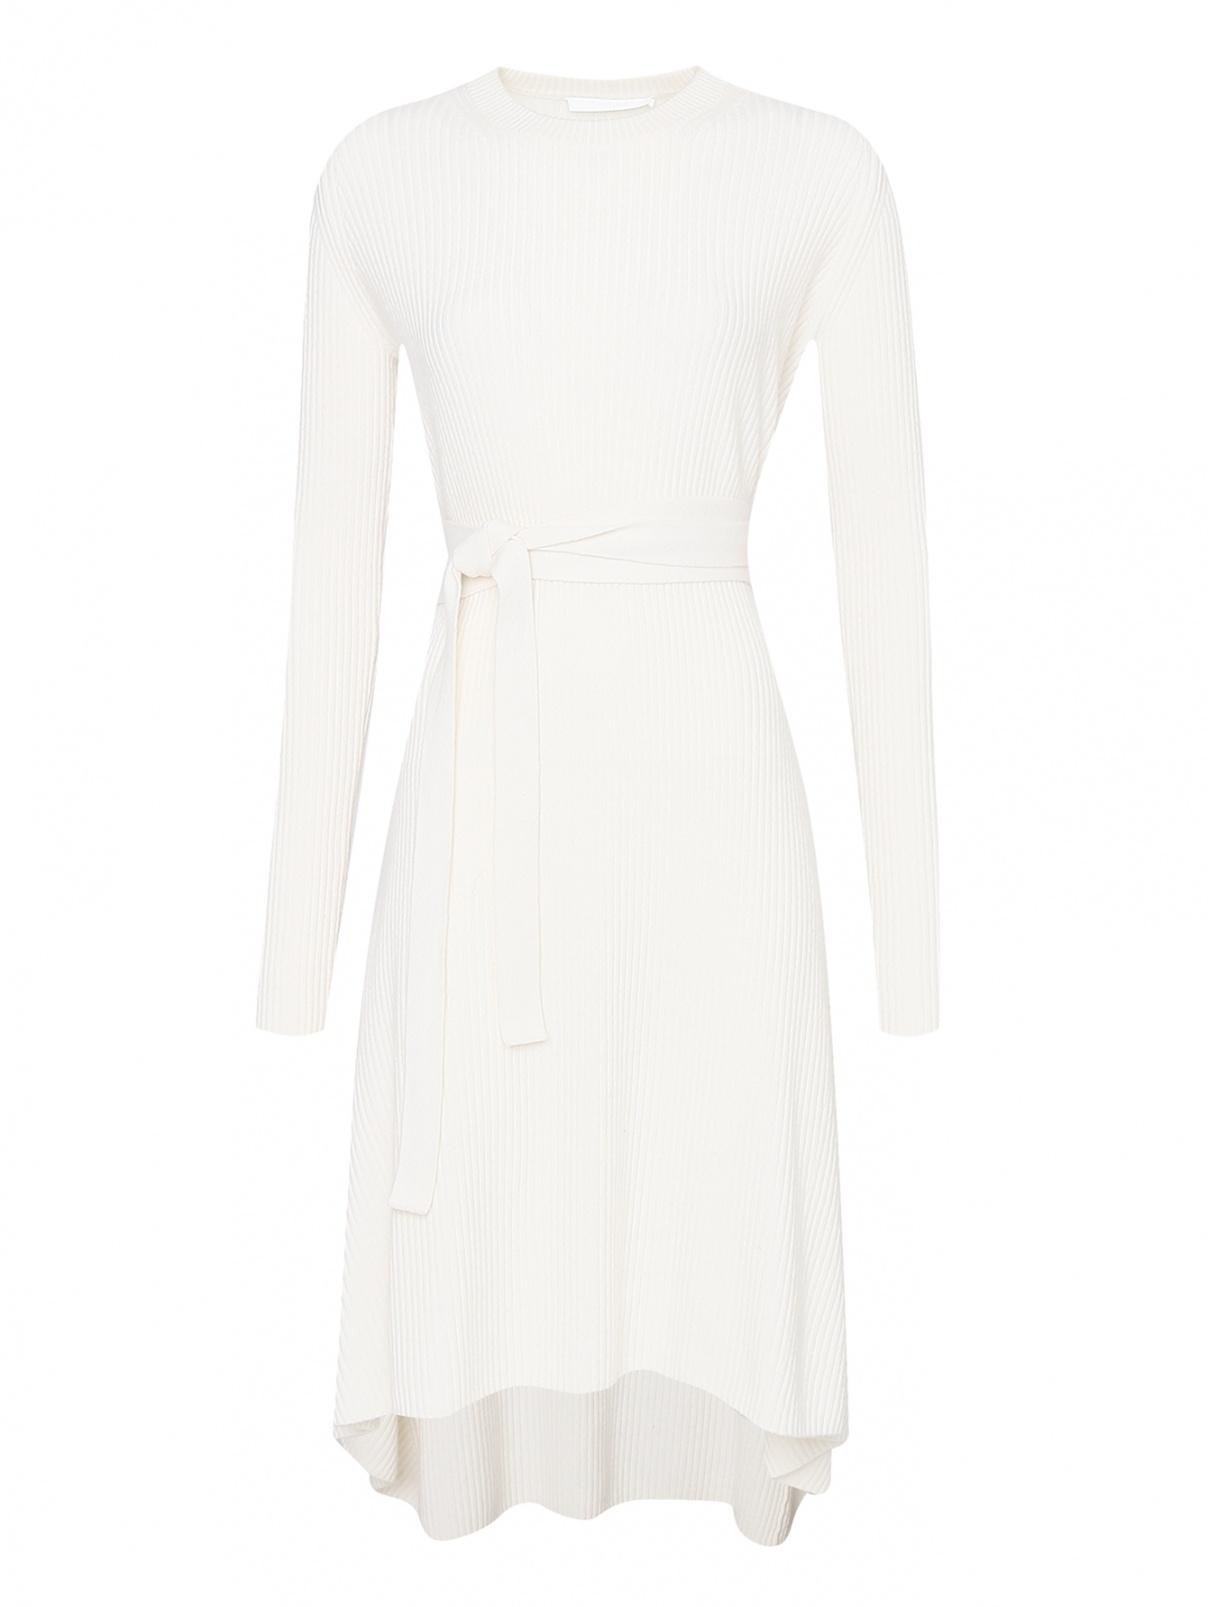 Платье из шерсти и кашемира с поясом Helmut Lang  –  Общий вид  – Цвет:  Белый